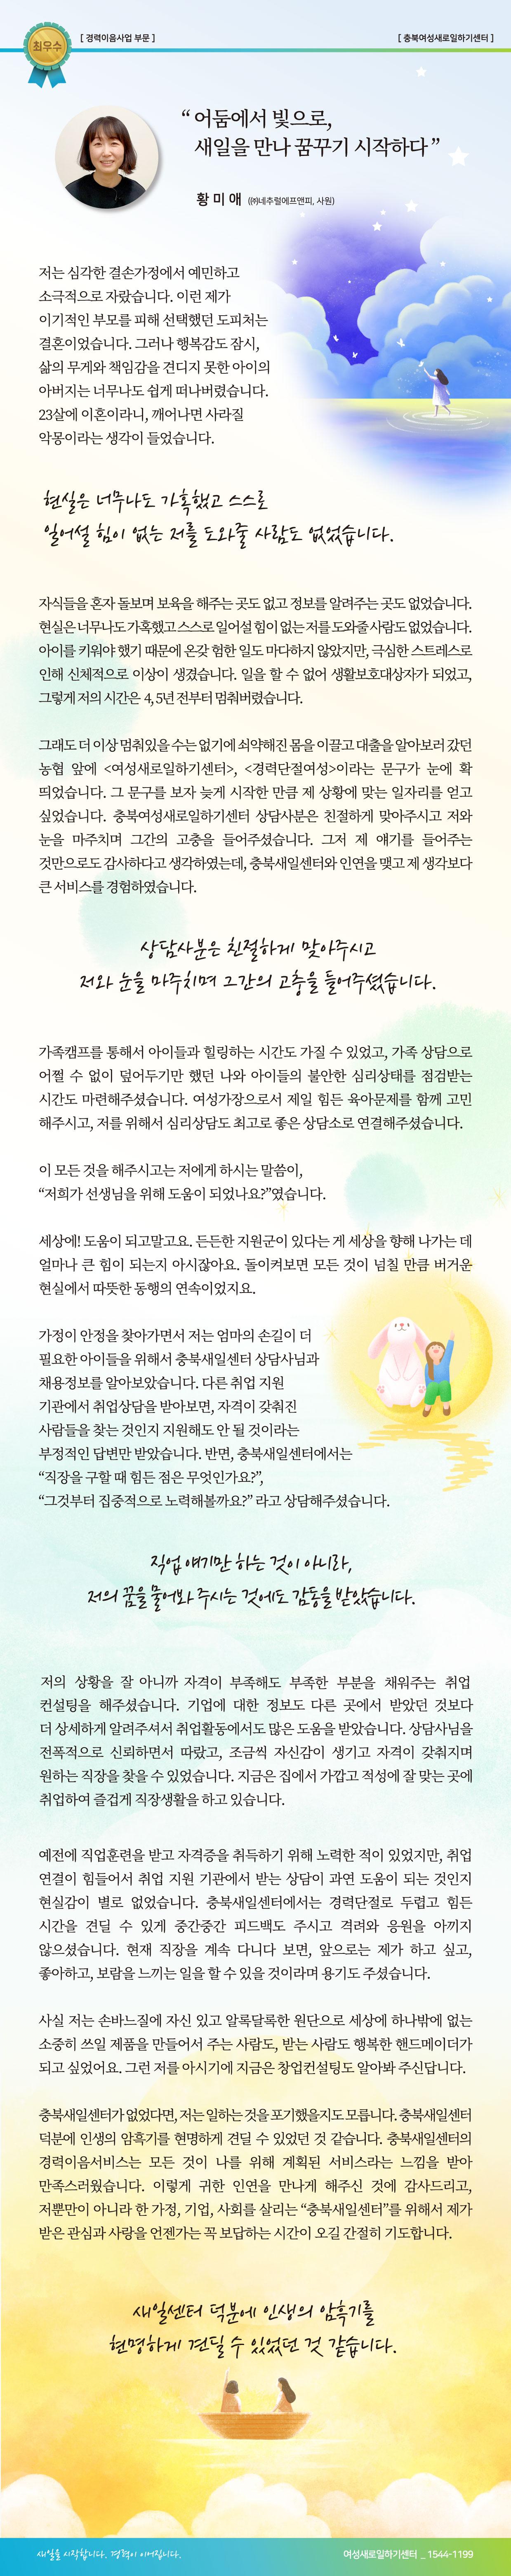 20.-경력이음_최우수_황미애-완성.jpg